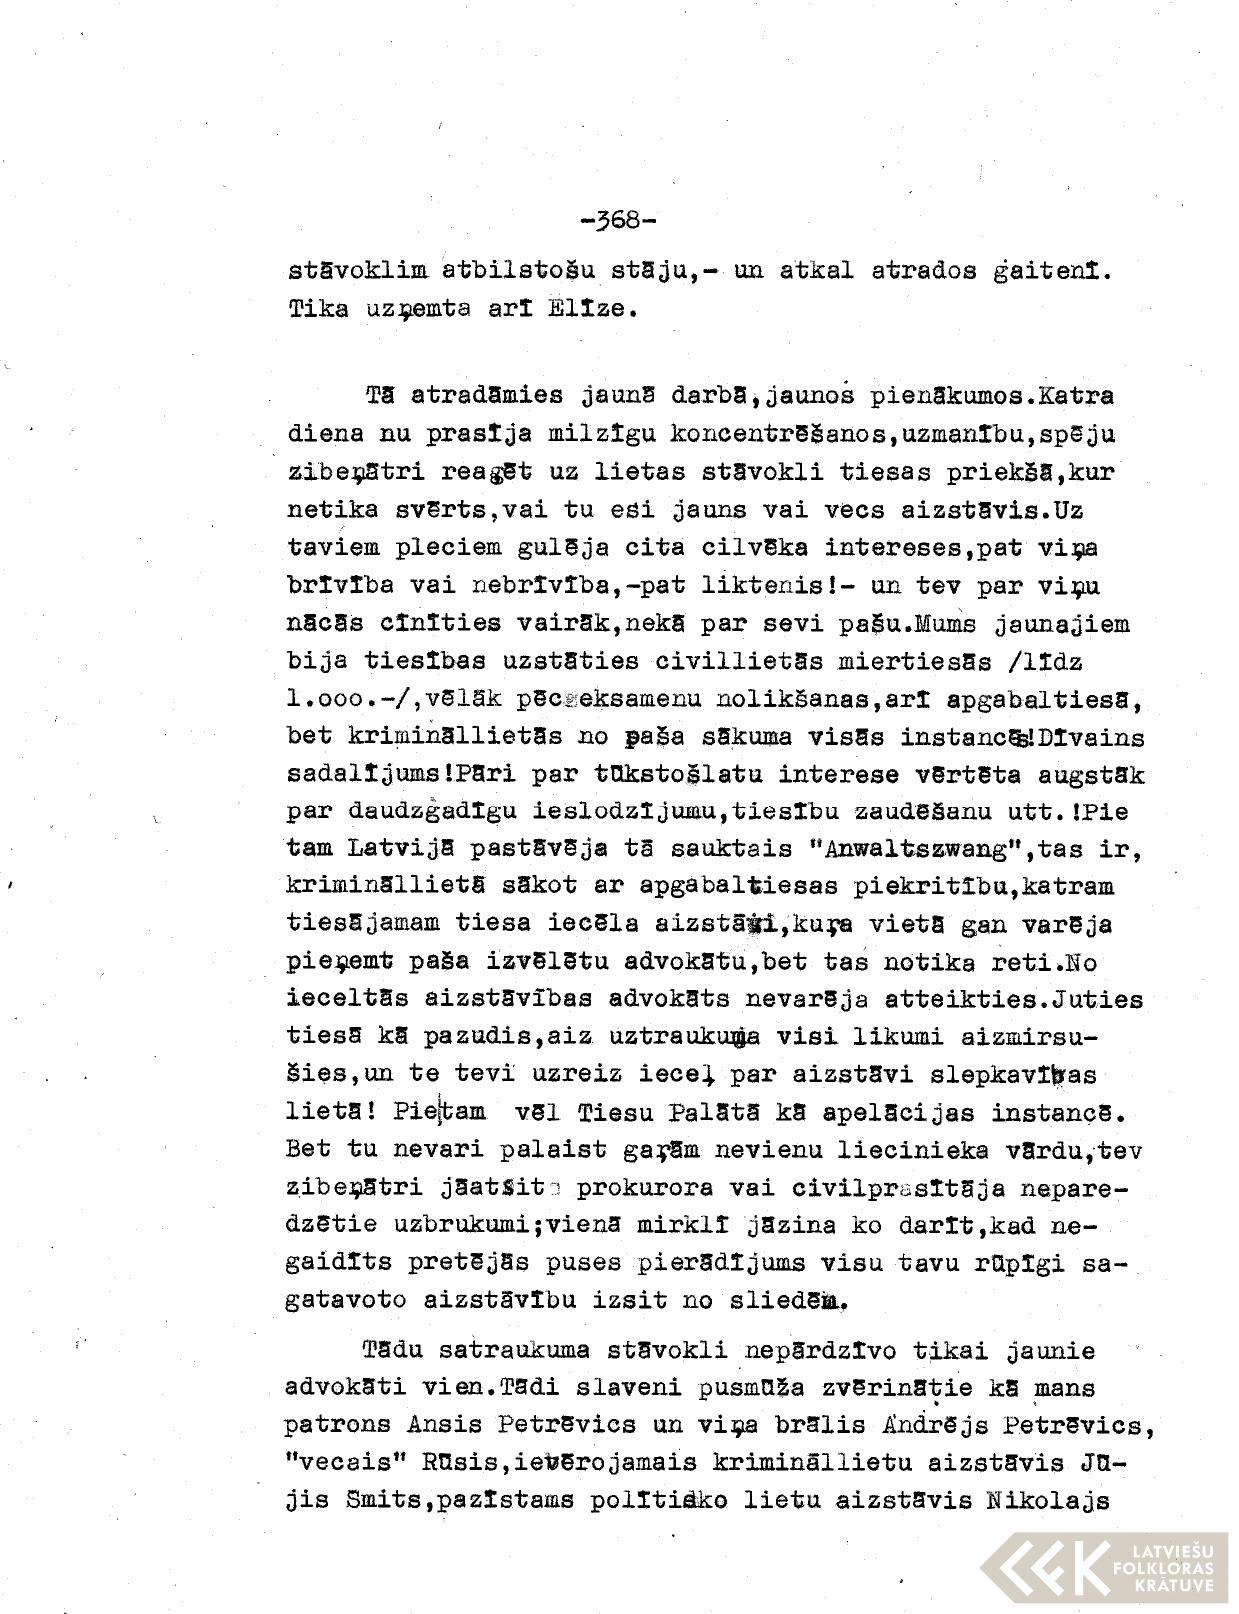 Ak198-Marijas-Berzinas-atminas-01-0396